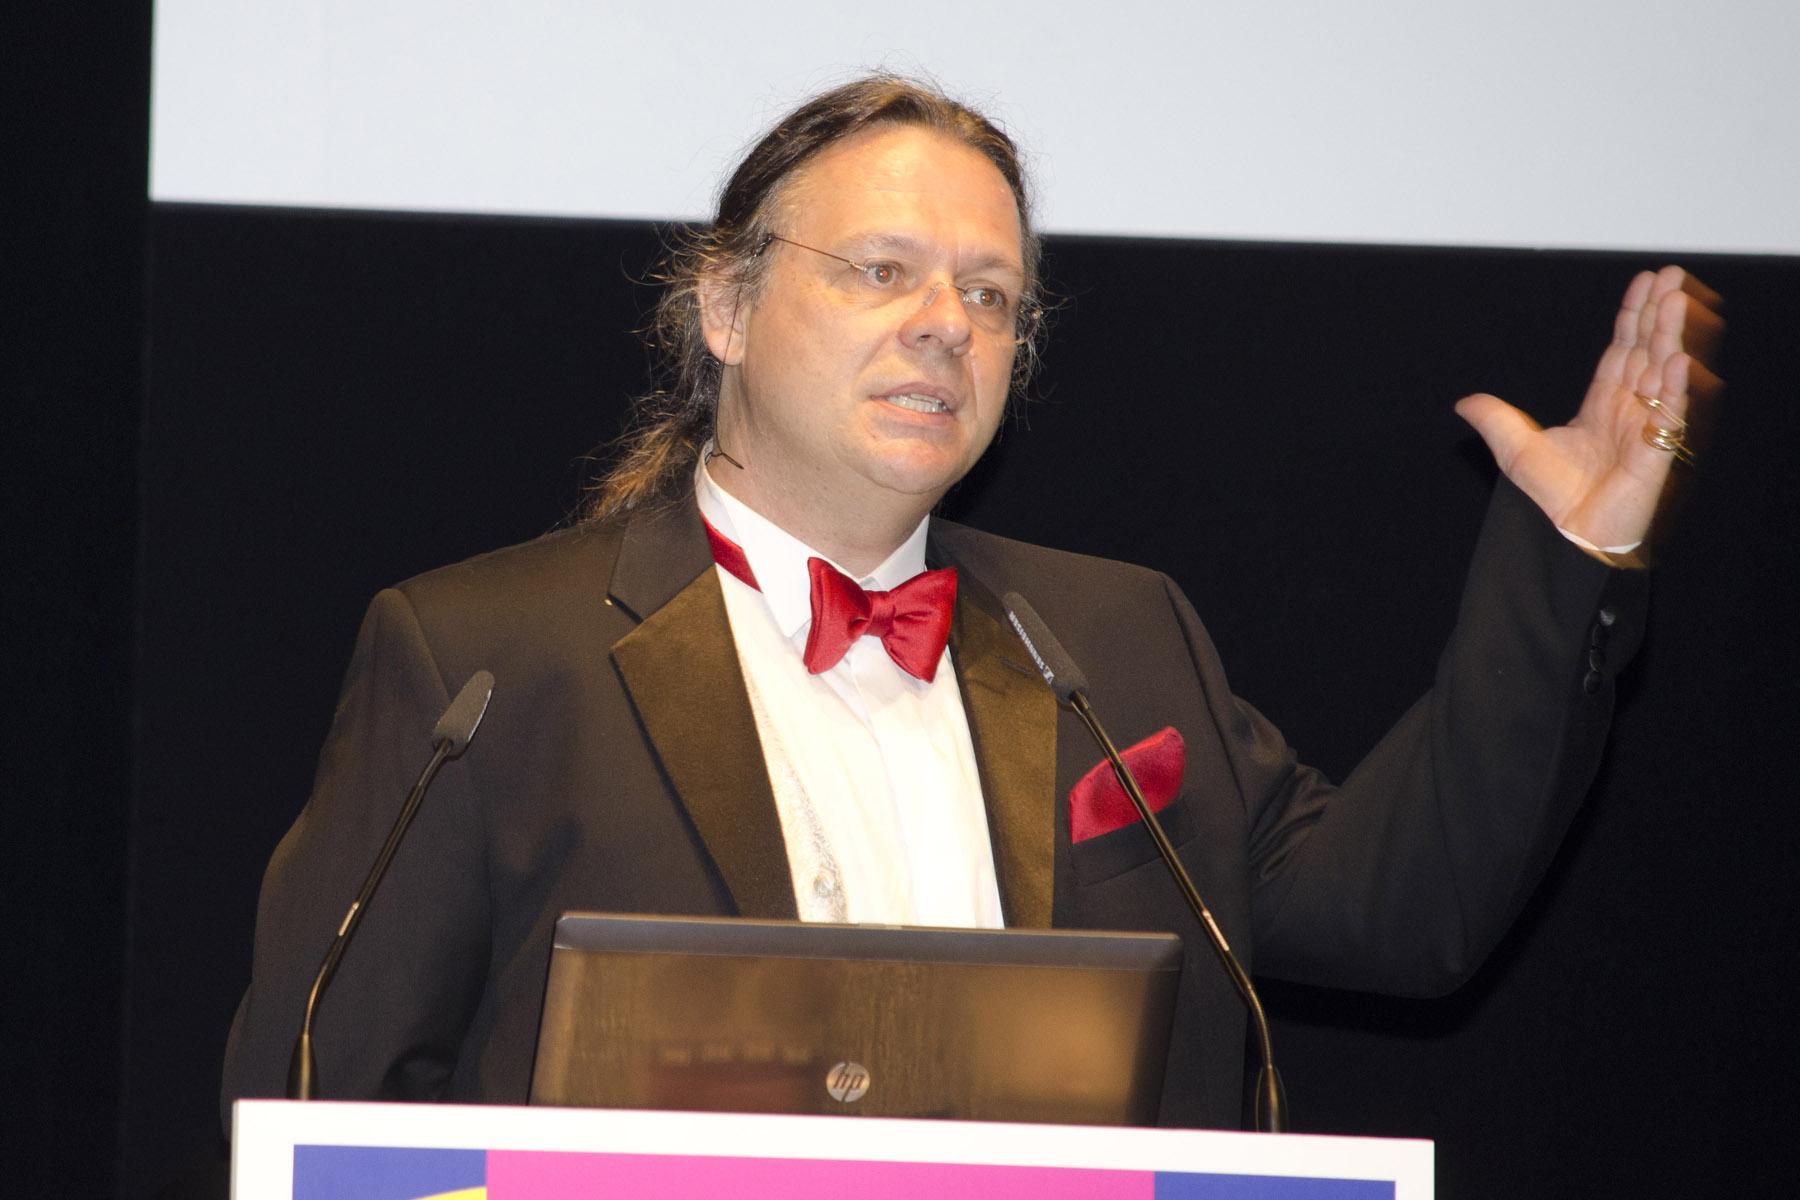 image of Burkhard Rost